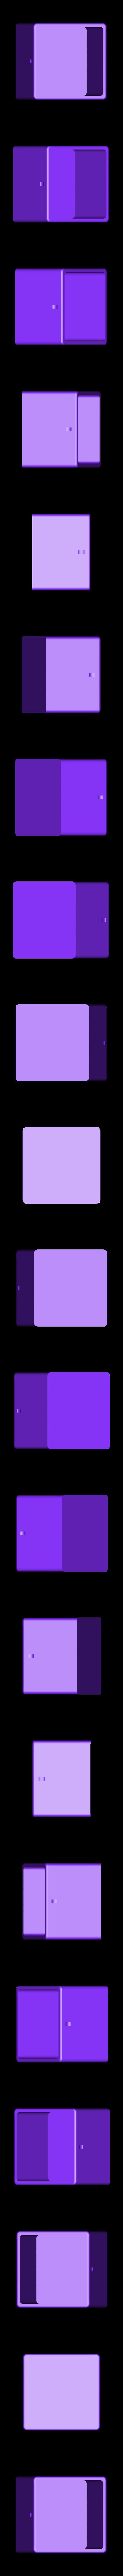 box.stl Télécharger fichier STL gratuit small boxes with coloured insert • Plan pour impression 3D, cyrus